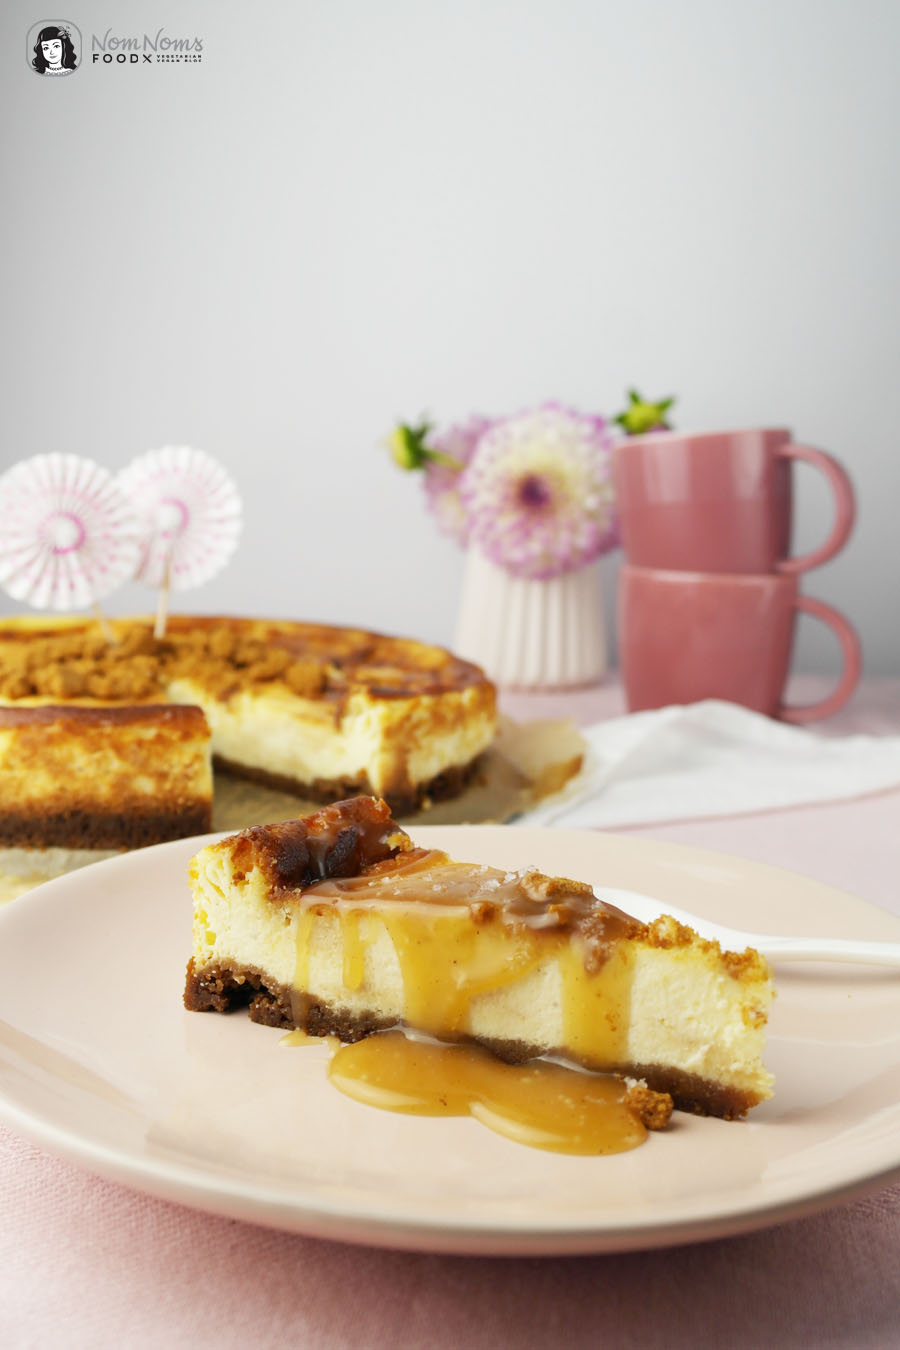 Salted Caramel Cheesecake oder Salzkaramell Käsekuchen